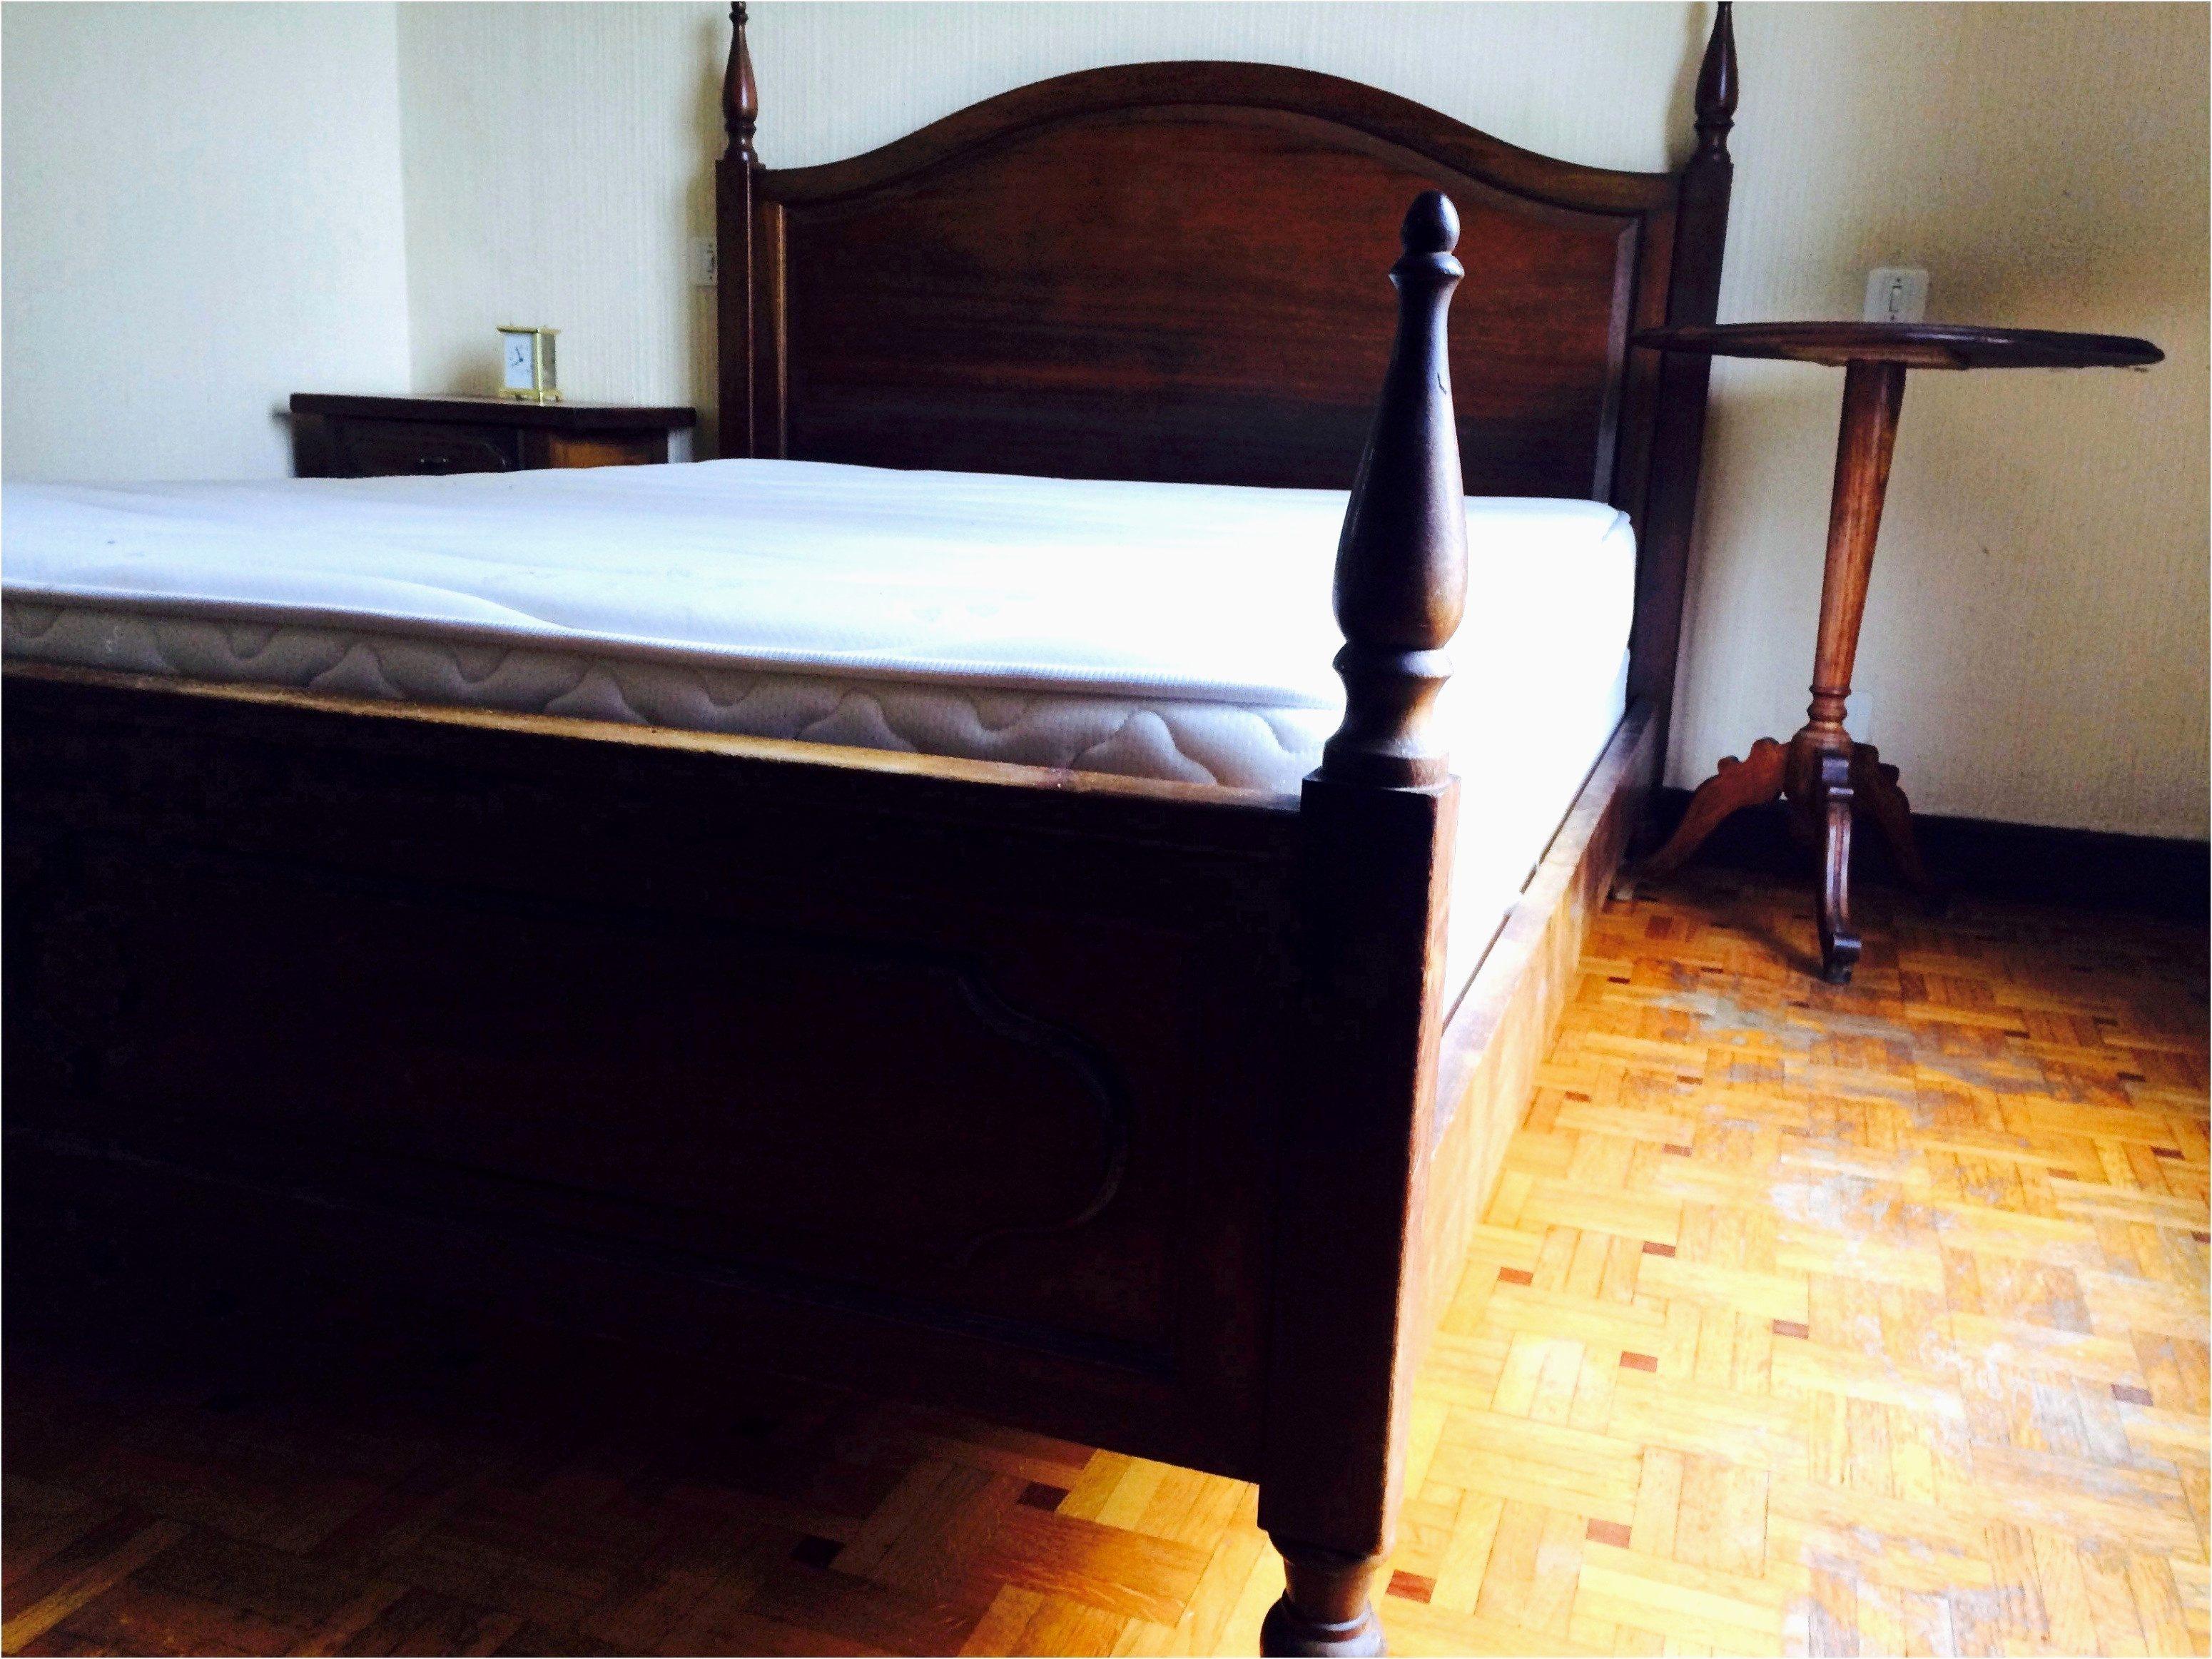 Tete De Lit originale En Bois Beau Tete De Lit Bois 160 sove Lit Sans Tete De Lit — sovedis Aquatabs